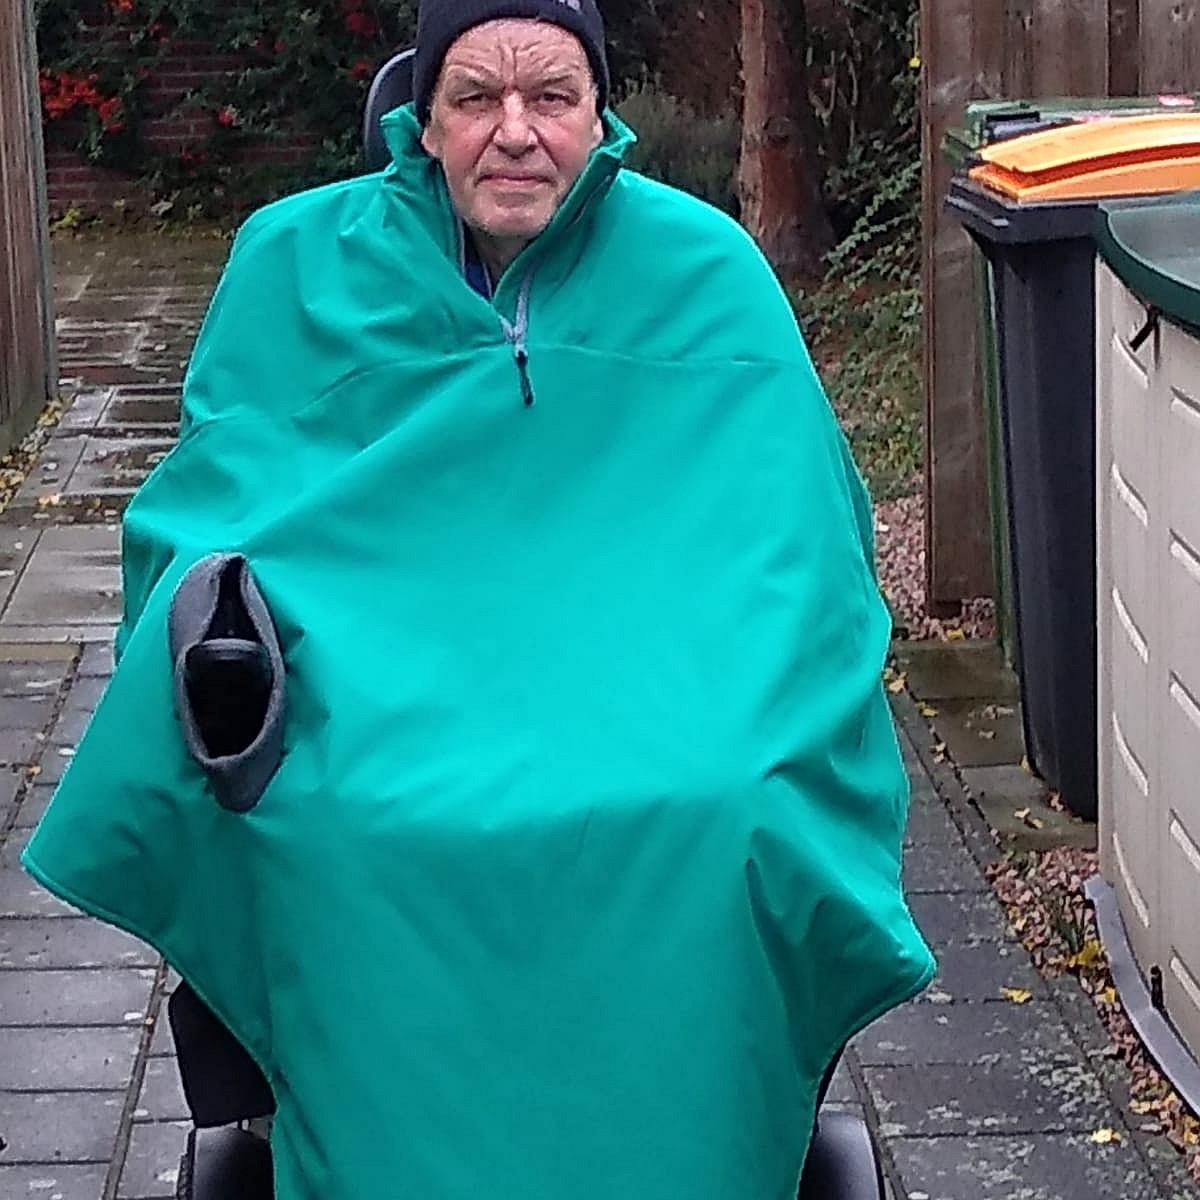 cape op maat aangepast op de rolstoel, perfect om warm te blijven